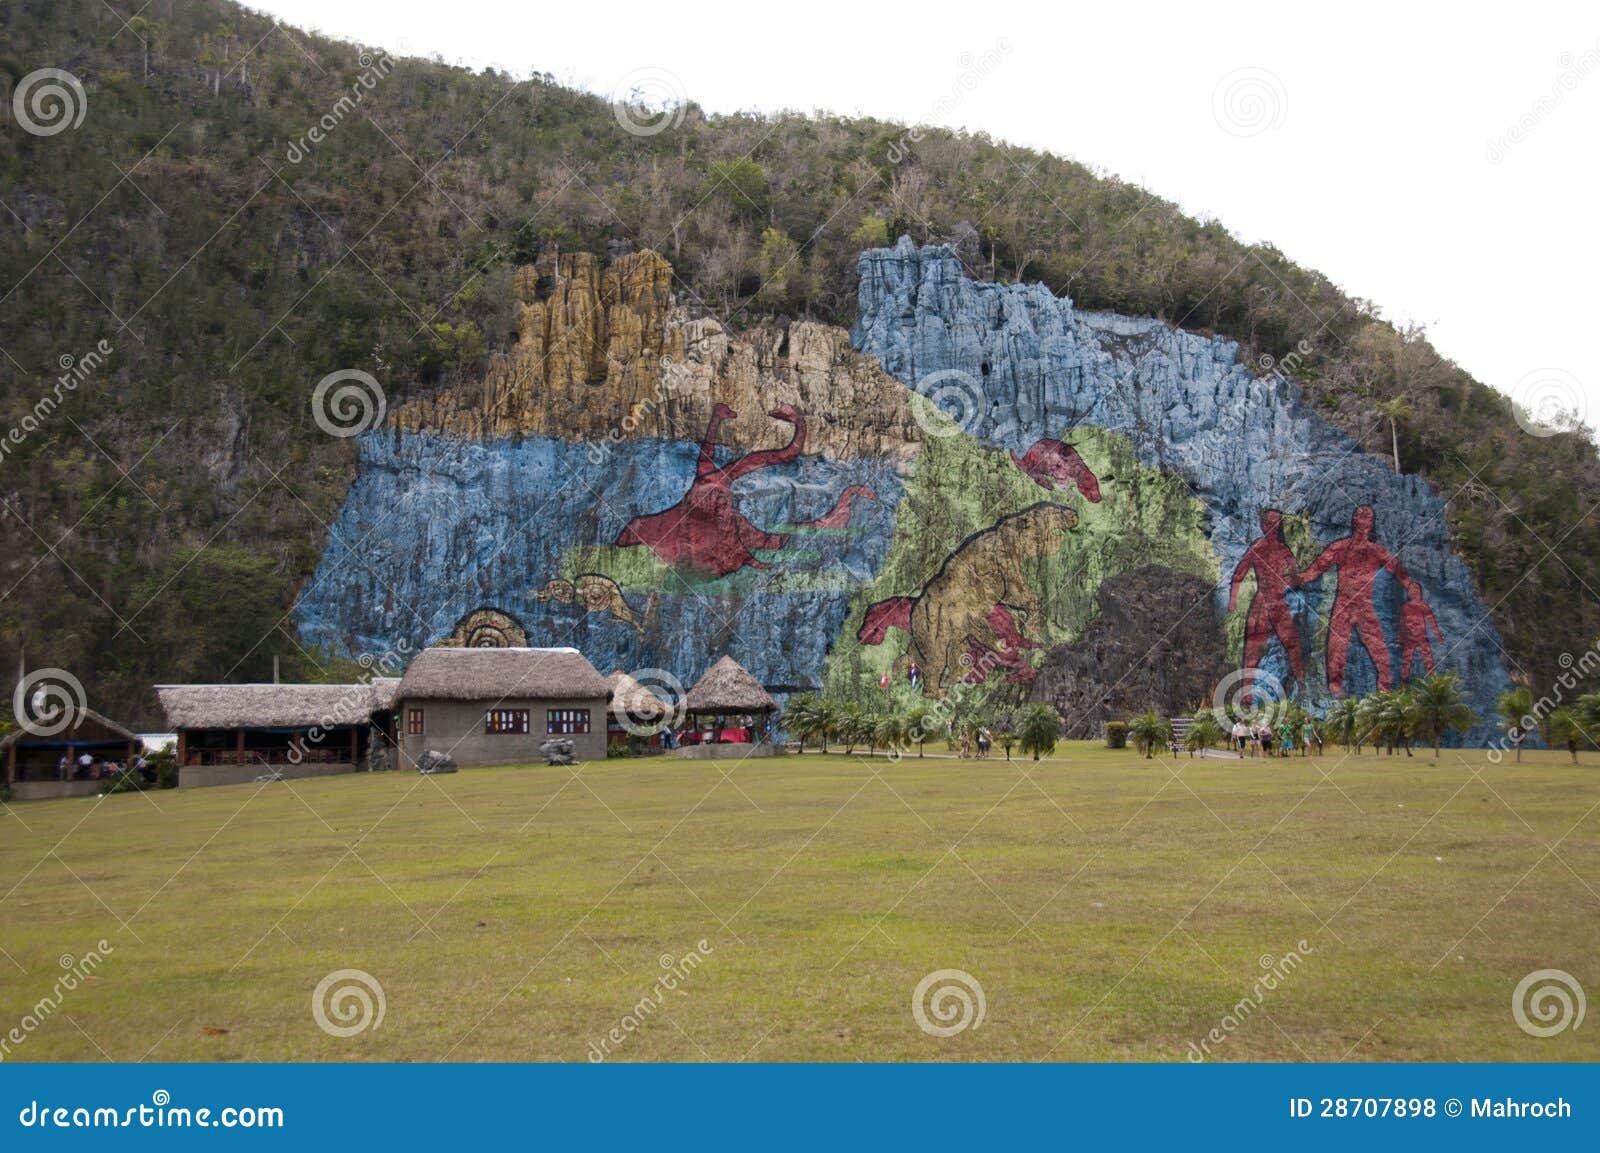 Mural de la prehistoria vinales cuba royalty free stock for Mural de la prehistoria